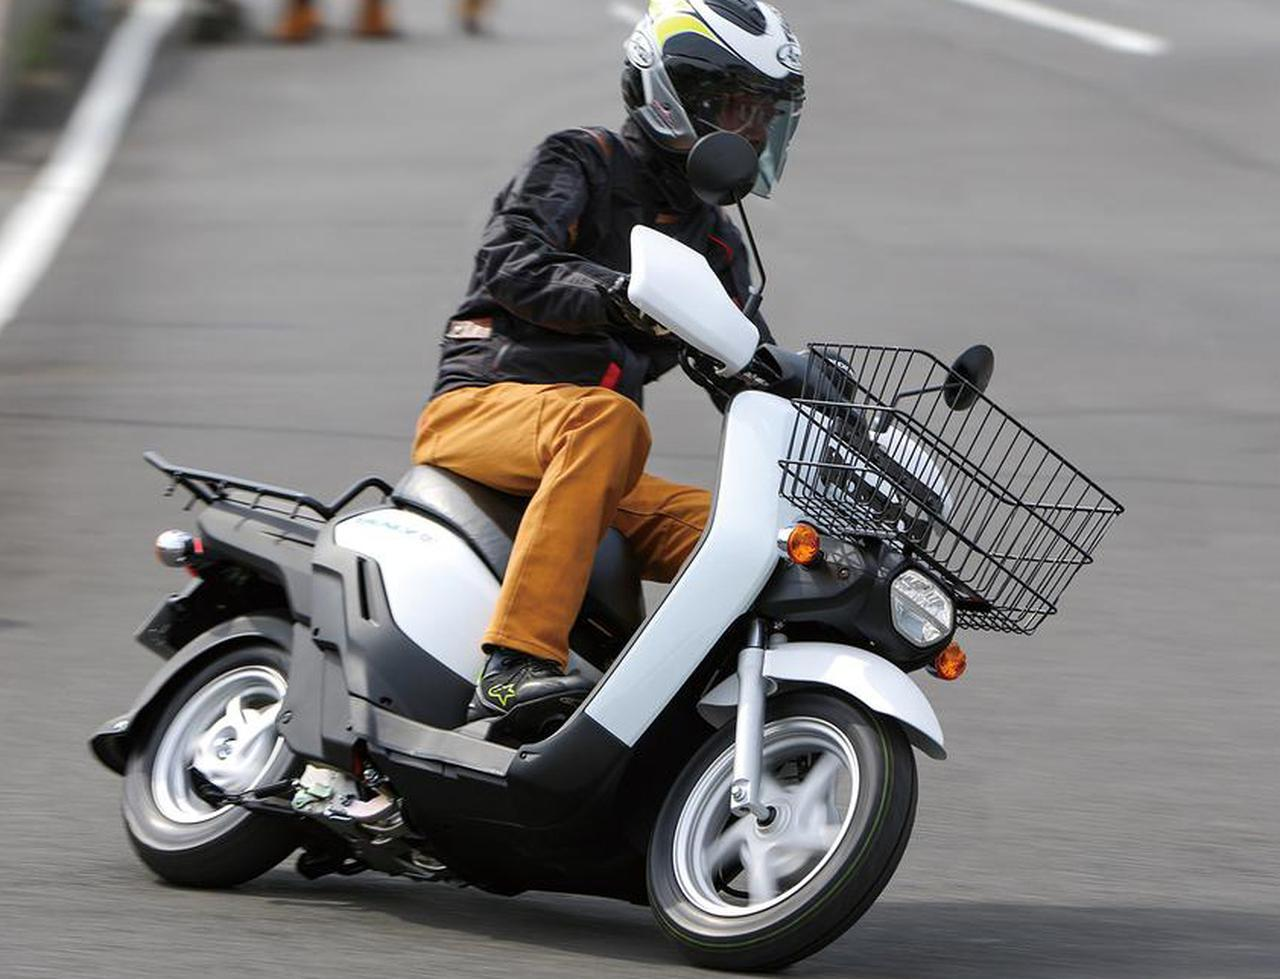 画像: ホンダ製の電動バイクはどこまで進化したのか? 「ベンリィe: I/I プロ」「ベンリィe:II/II プロ」解説&試乗インプレ(2020年) - webオートバイ